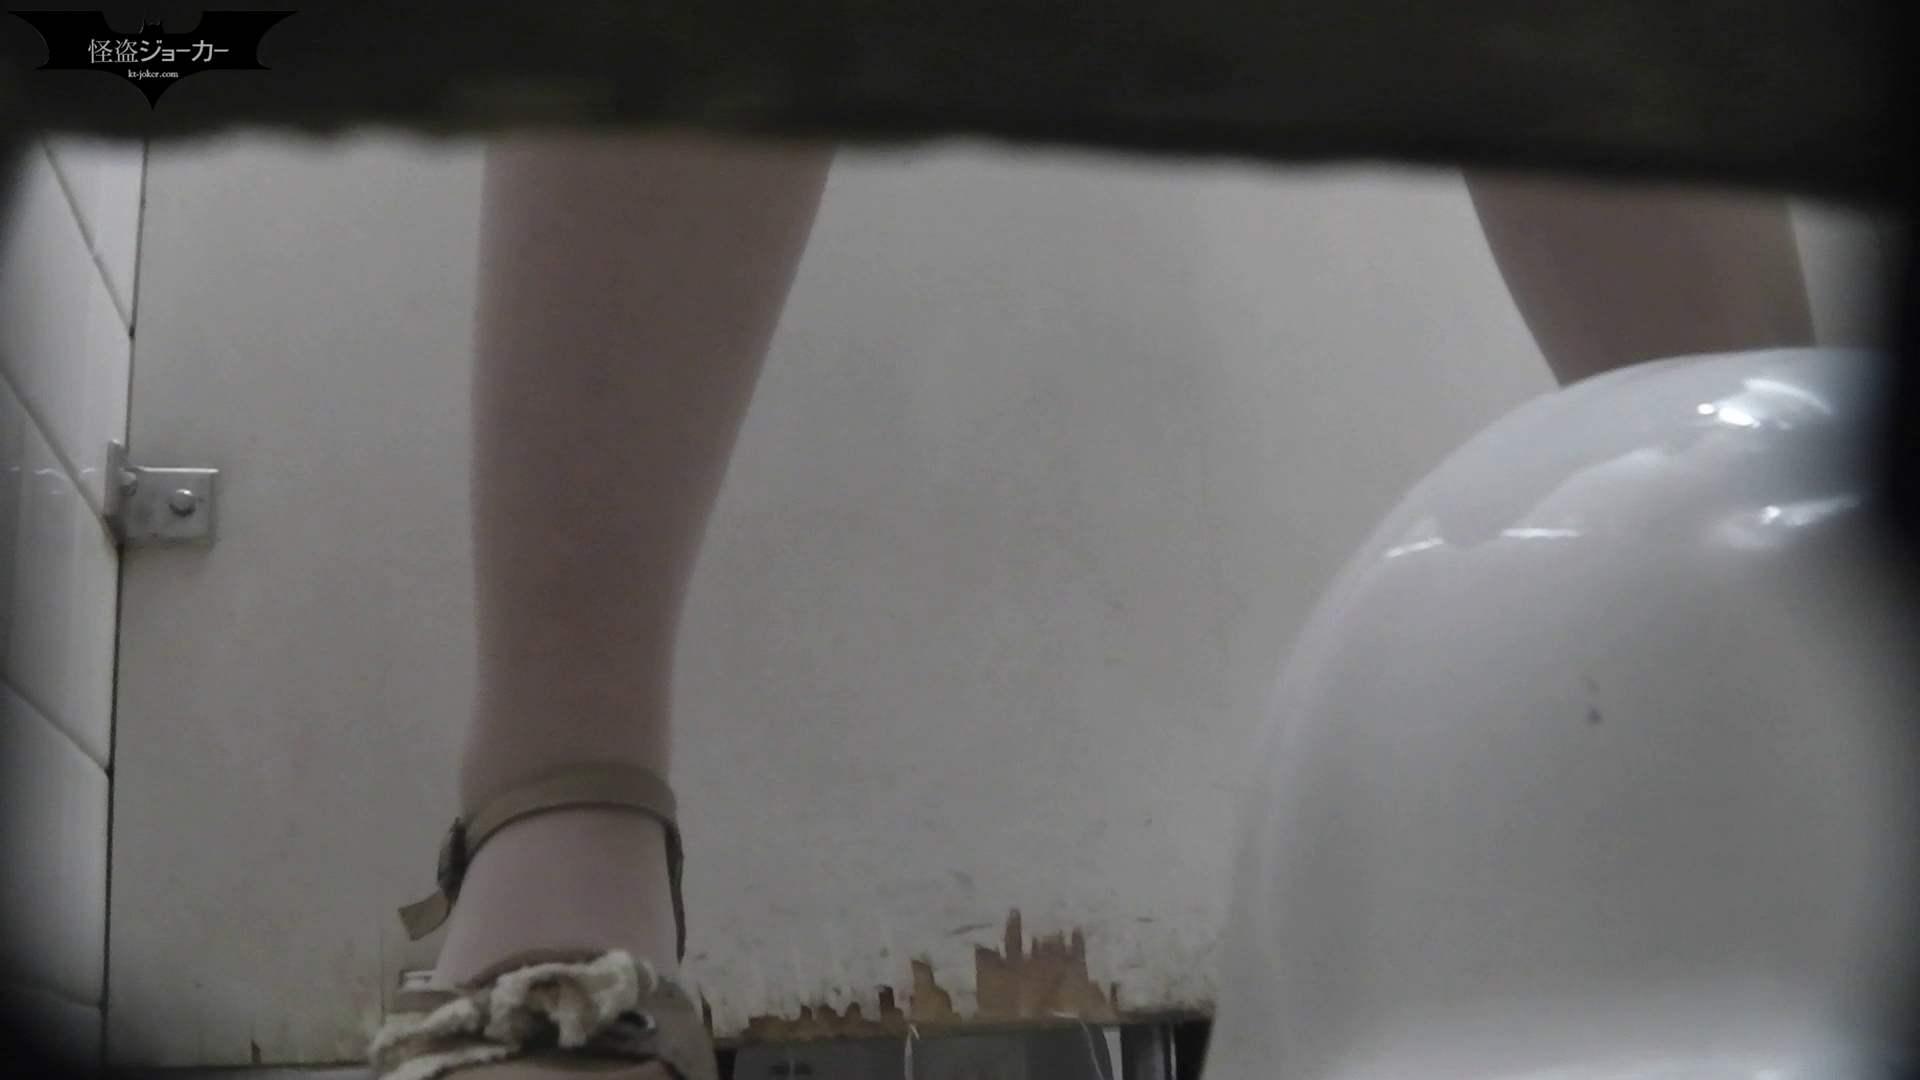 洗面所特攻隊 vol.047 モリモリ、ふきふきにスーパーズーム! OLの実態   洗面所  63pic 13